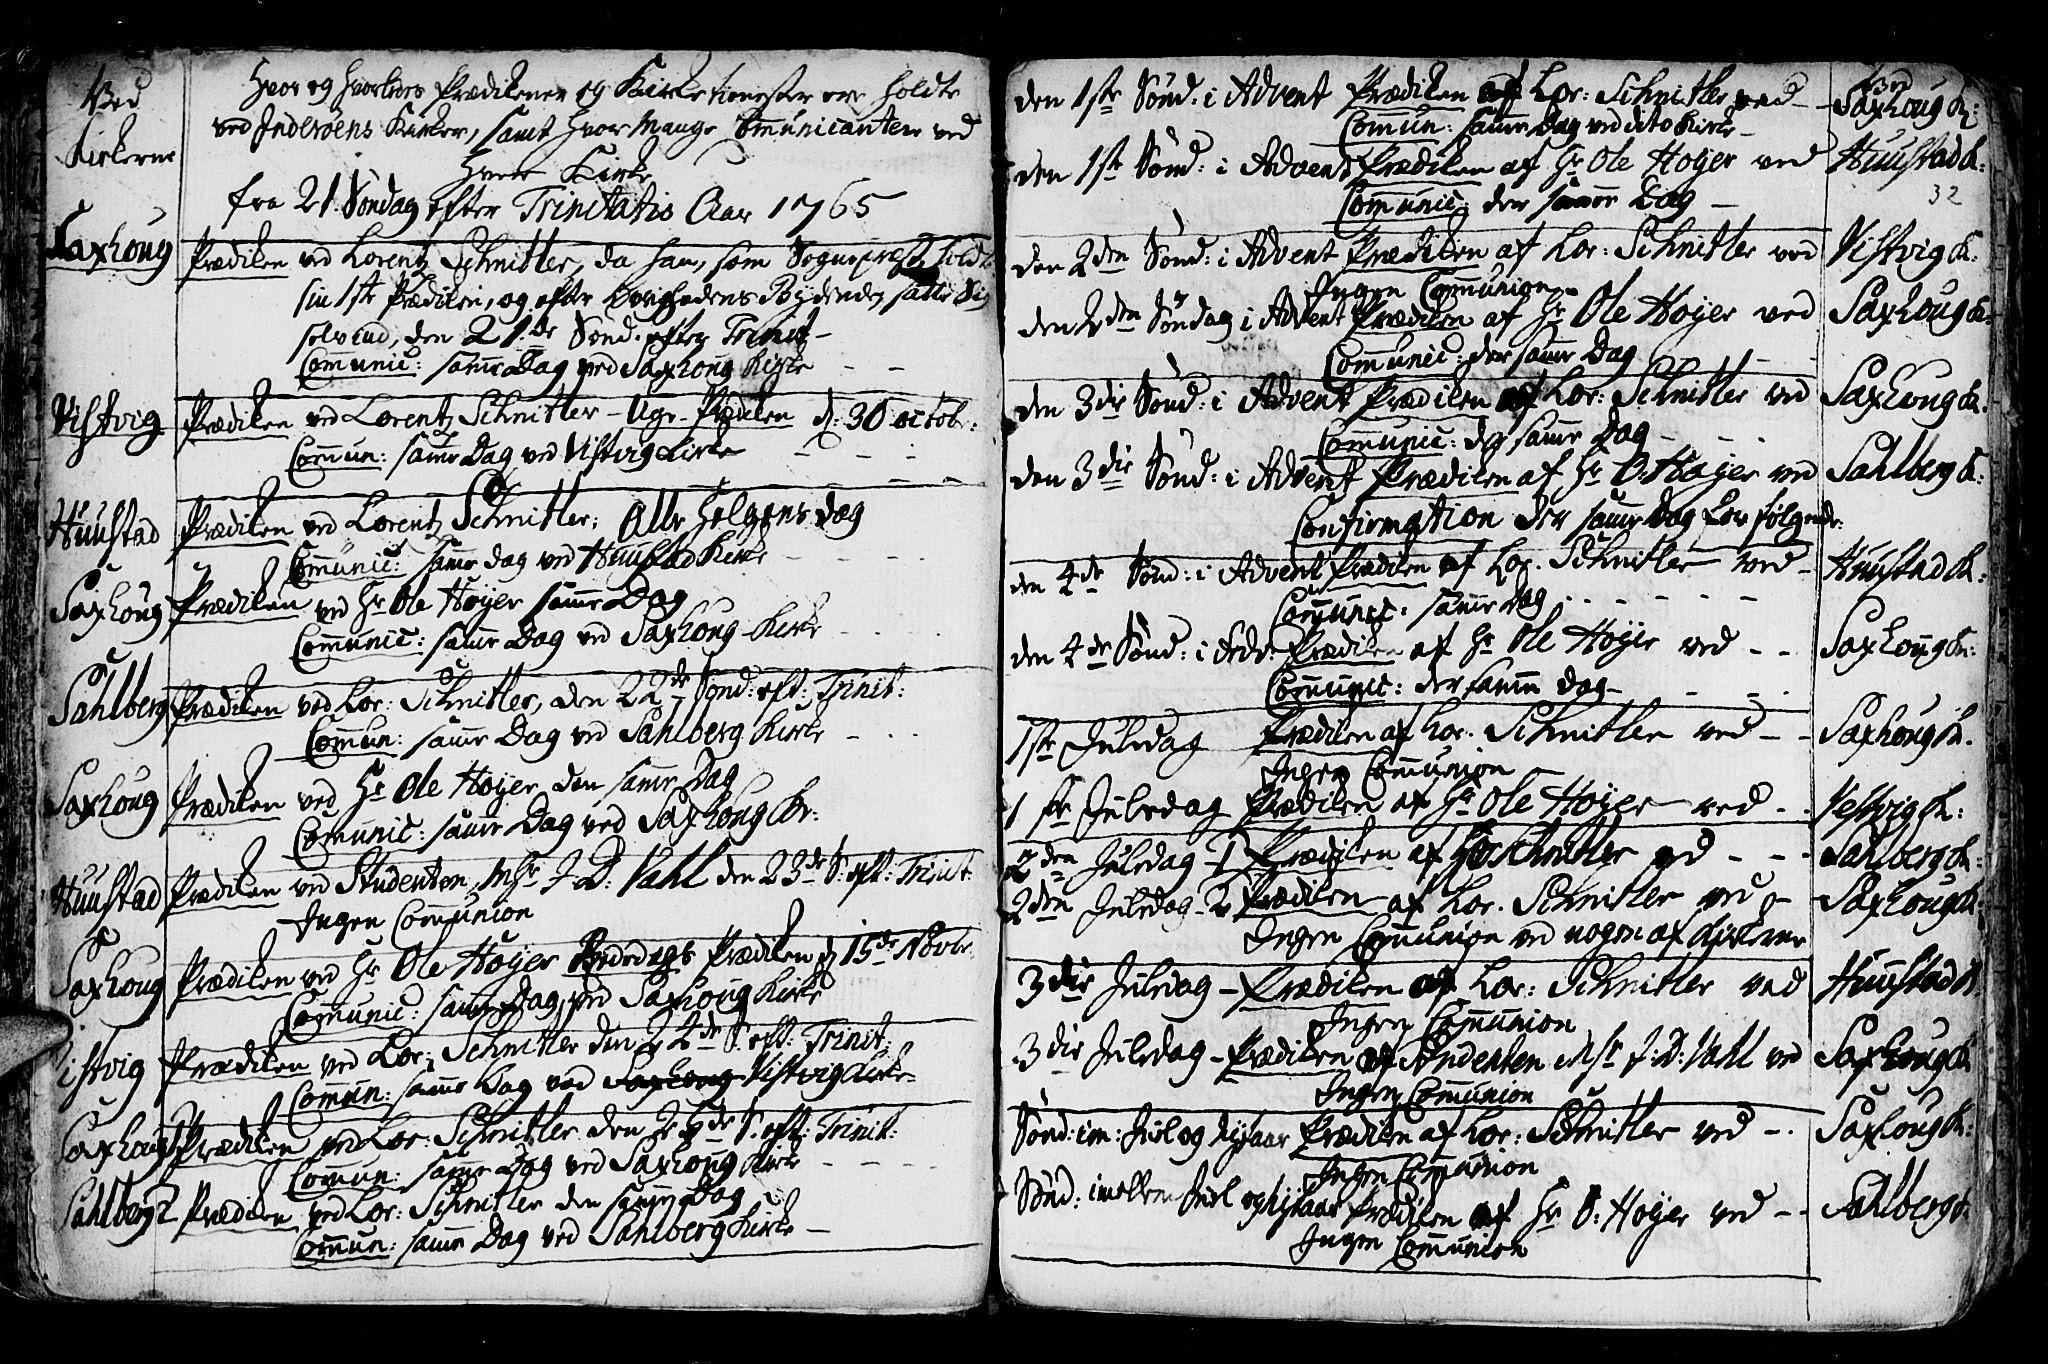 SAT, Ministerialprotokoller, klokkerbøker og fødselsregistre - Nord-Trøndelag, 730/L0273: Ministerialbok nr. 730A02, 1762-1802, s. 32